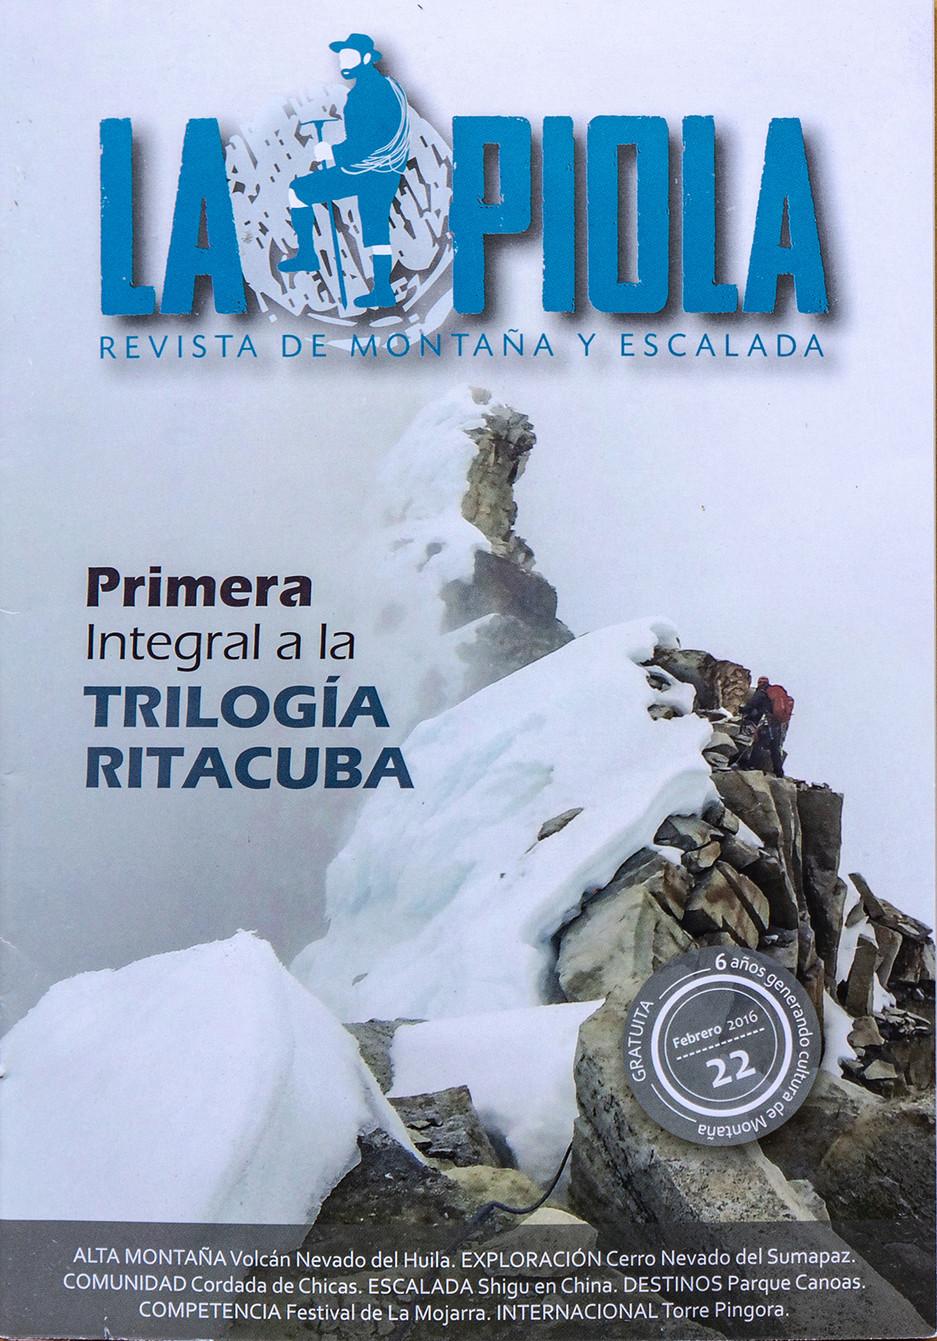 2016.01.00 La Piola 1.jpg